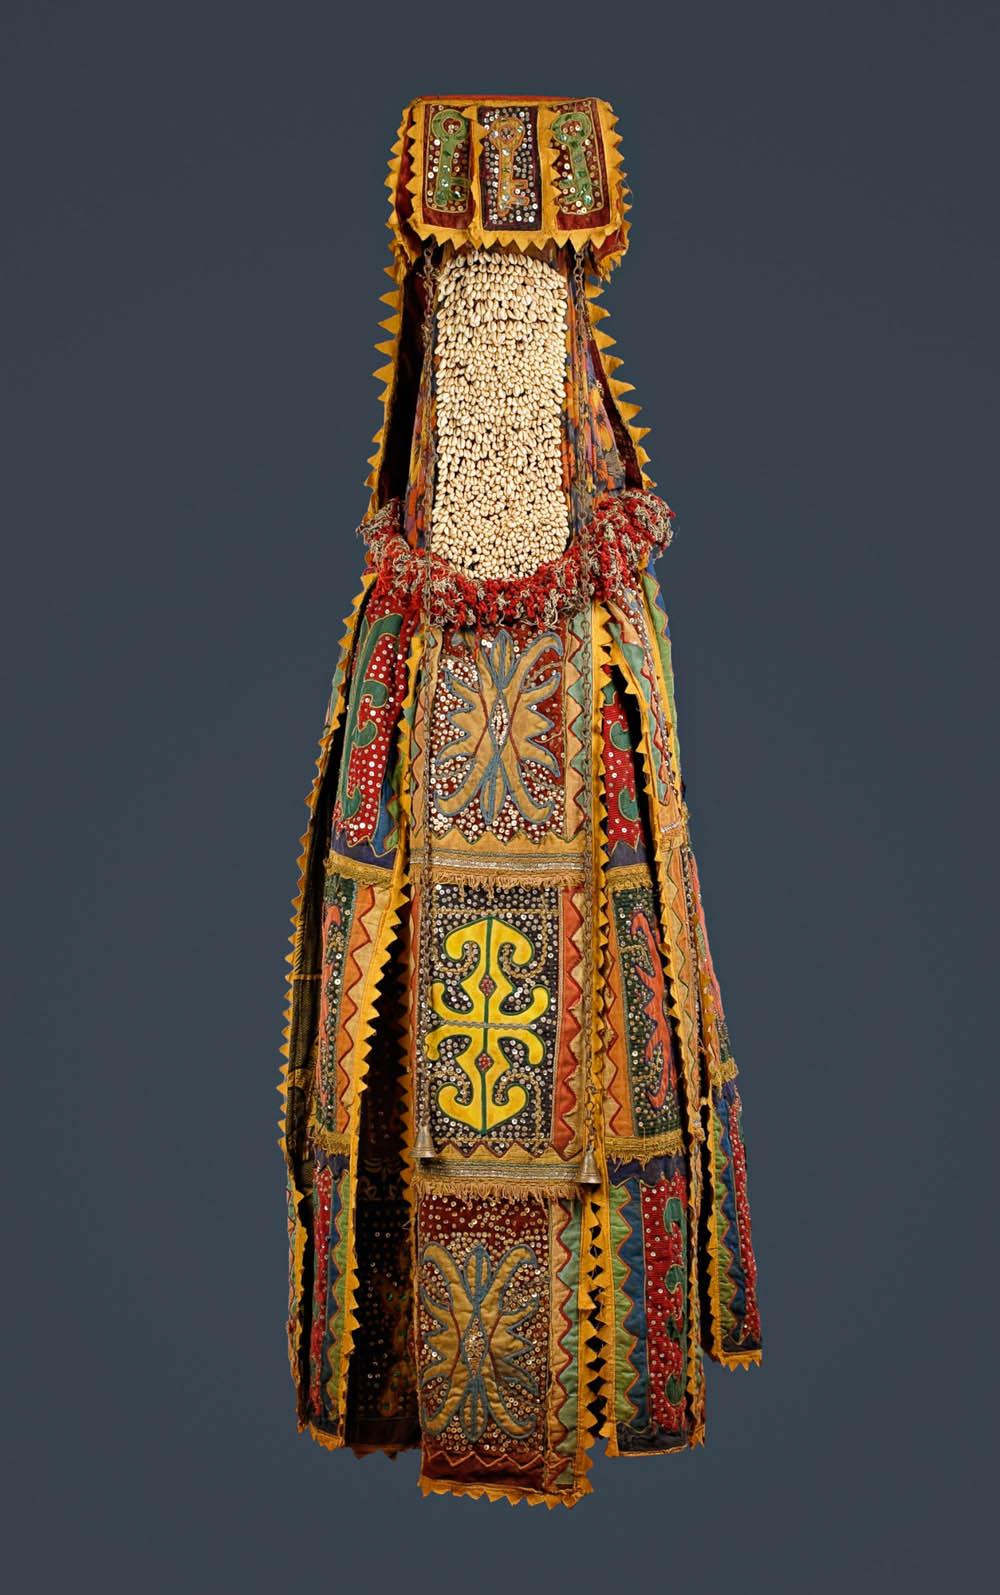 Egungun costume